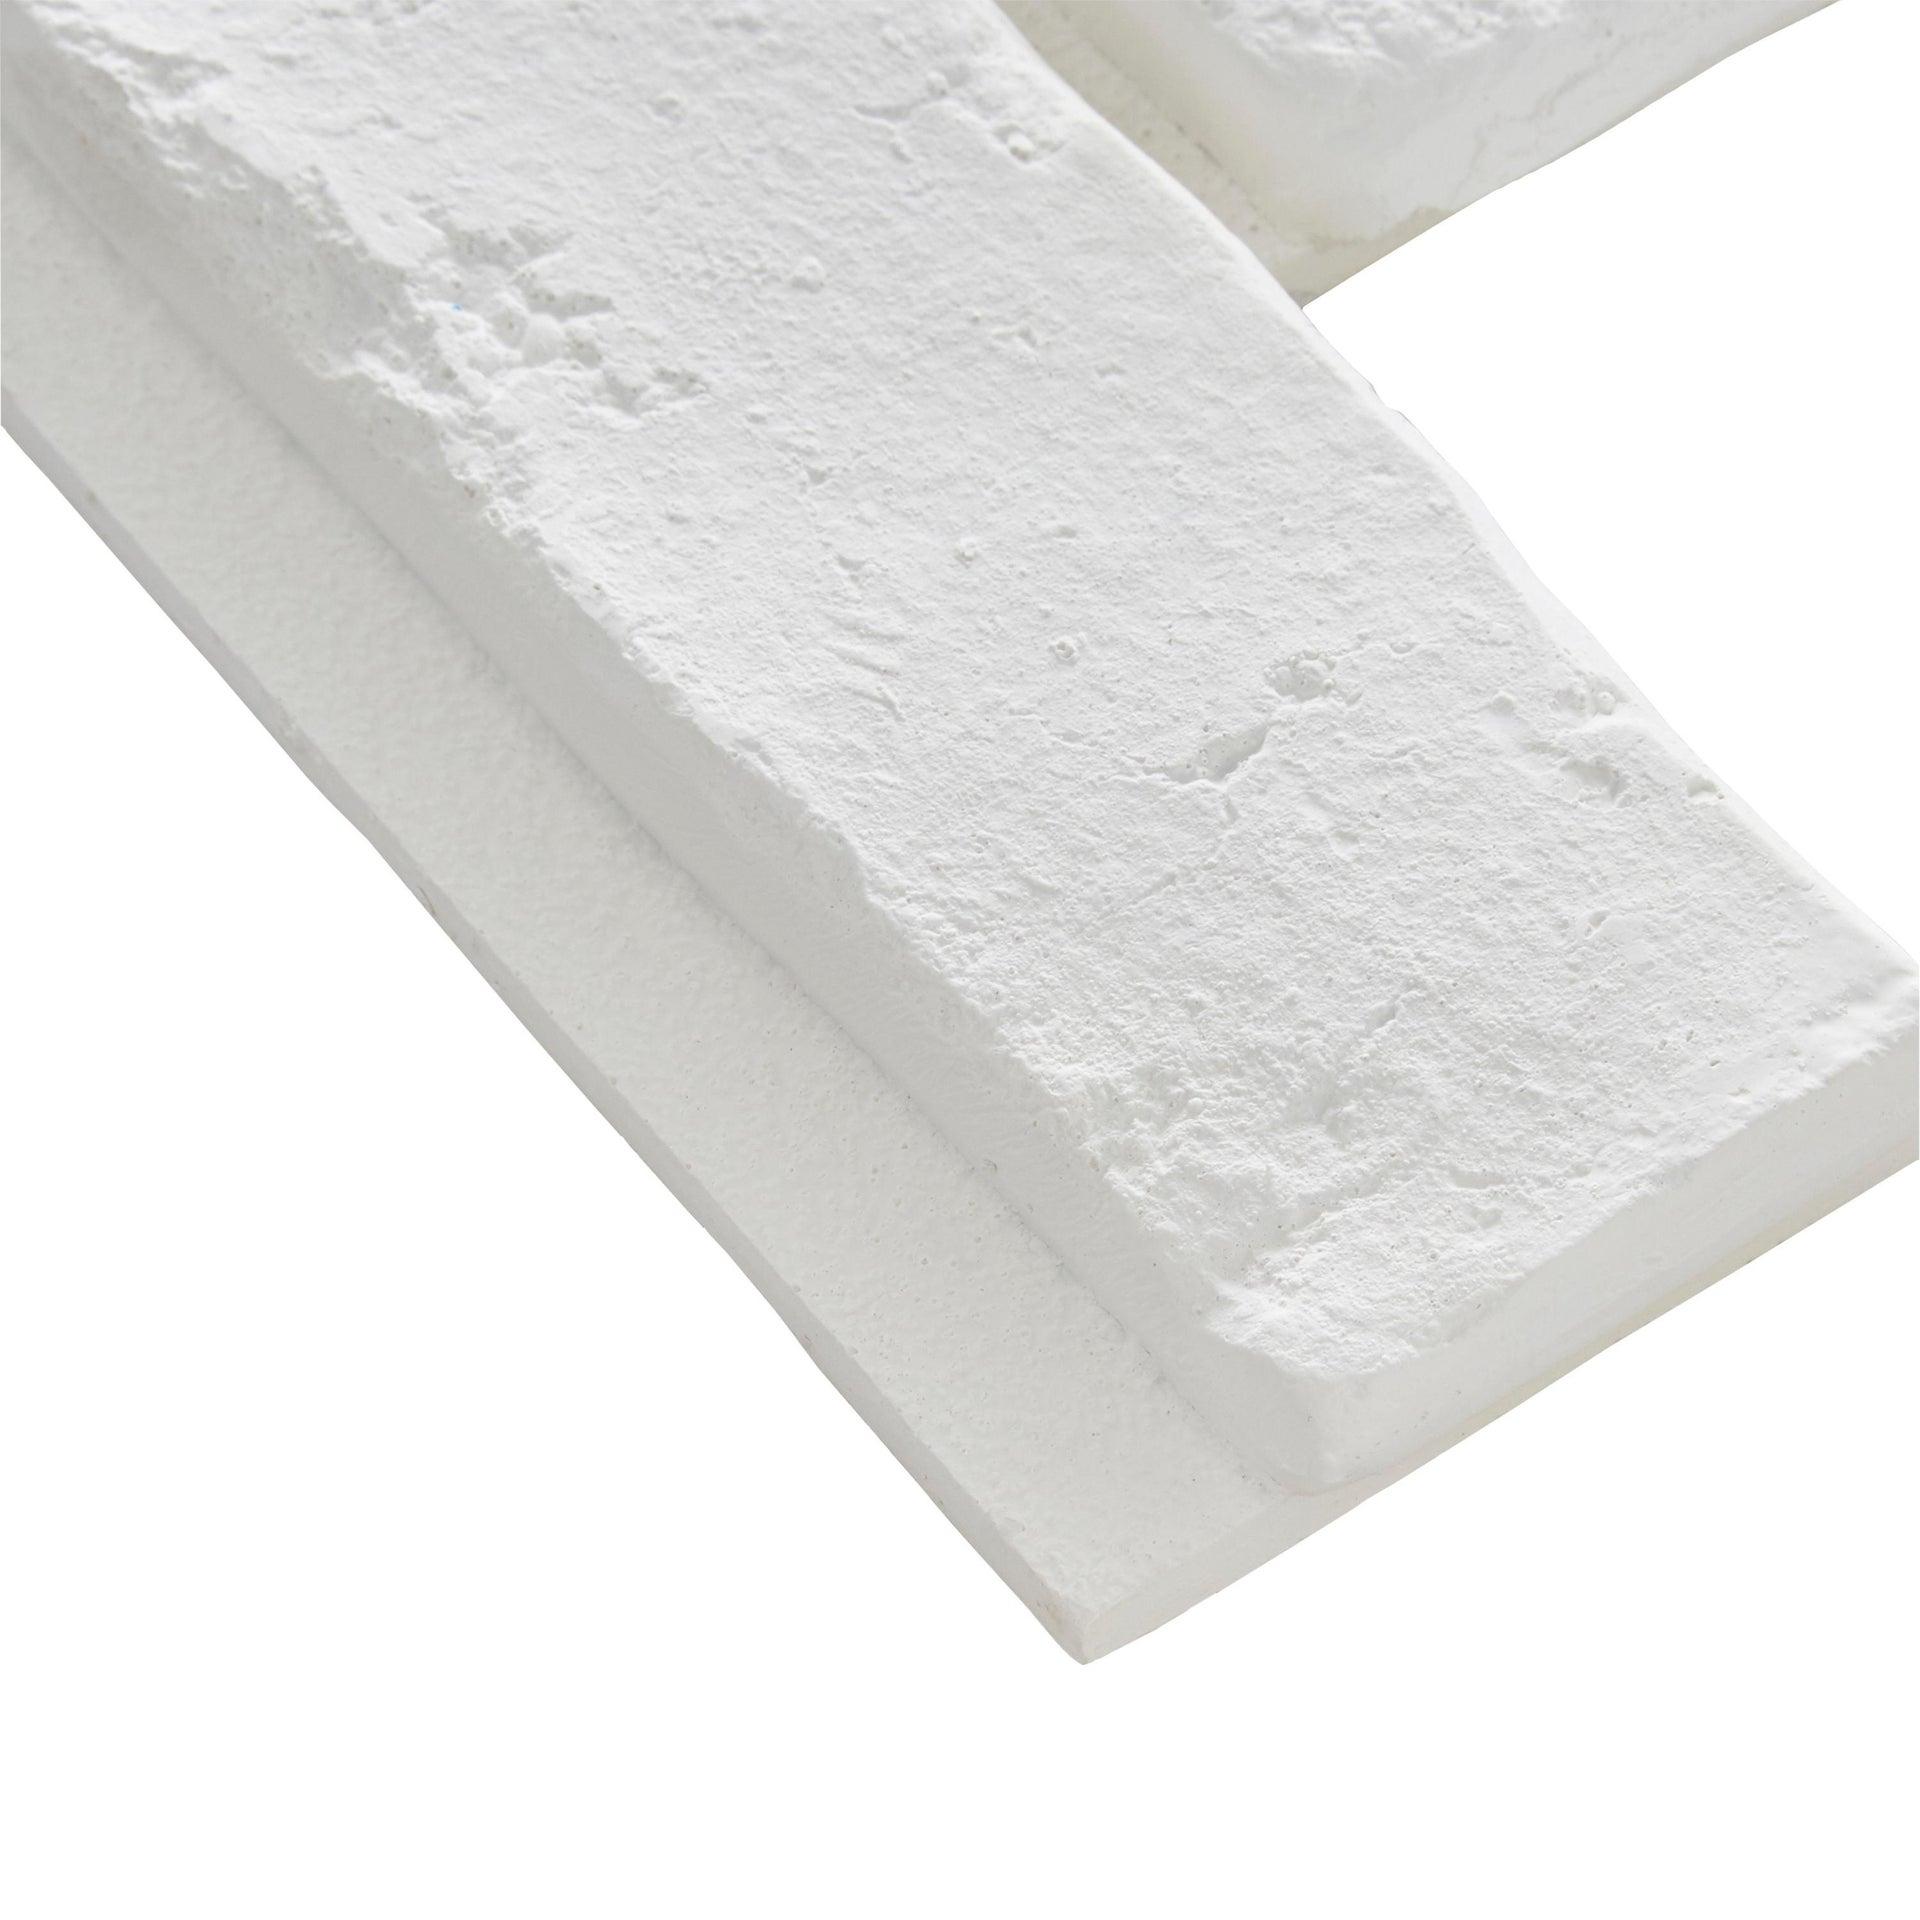 Mattone decorativo Isto bianco - 6